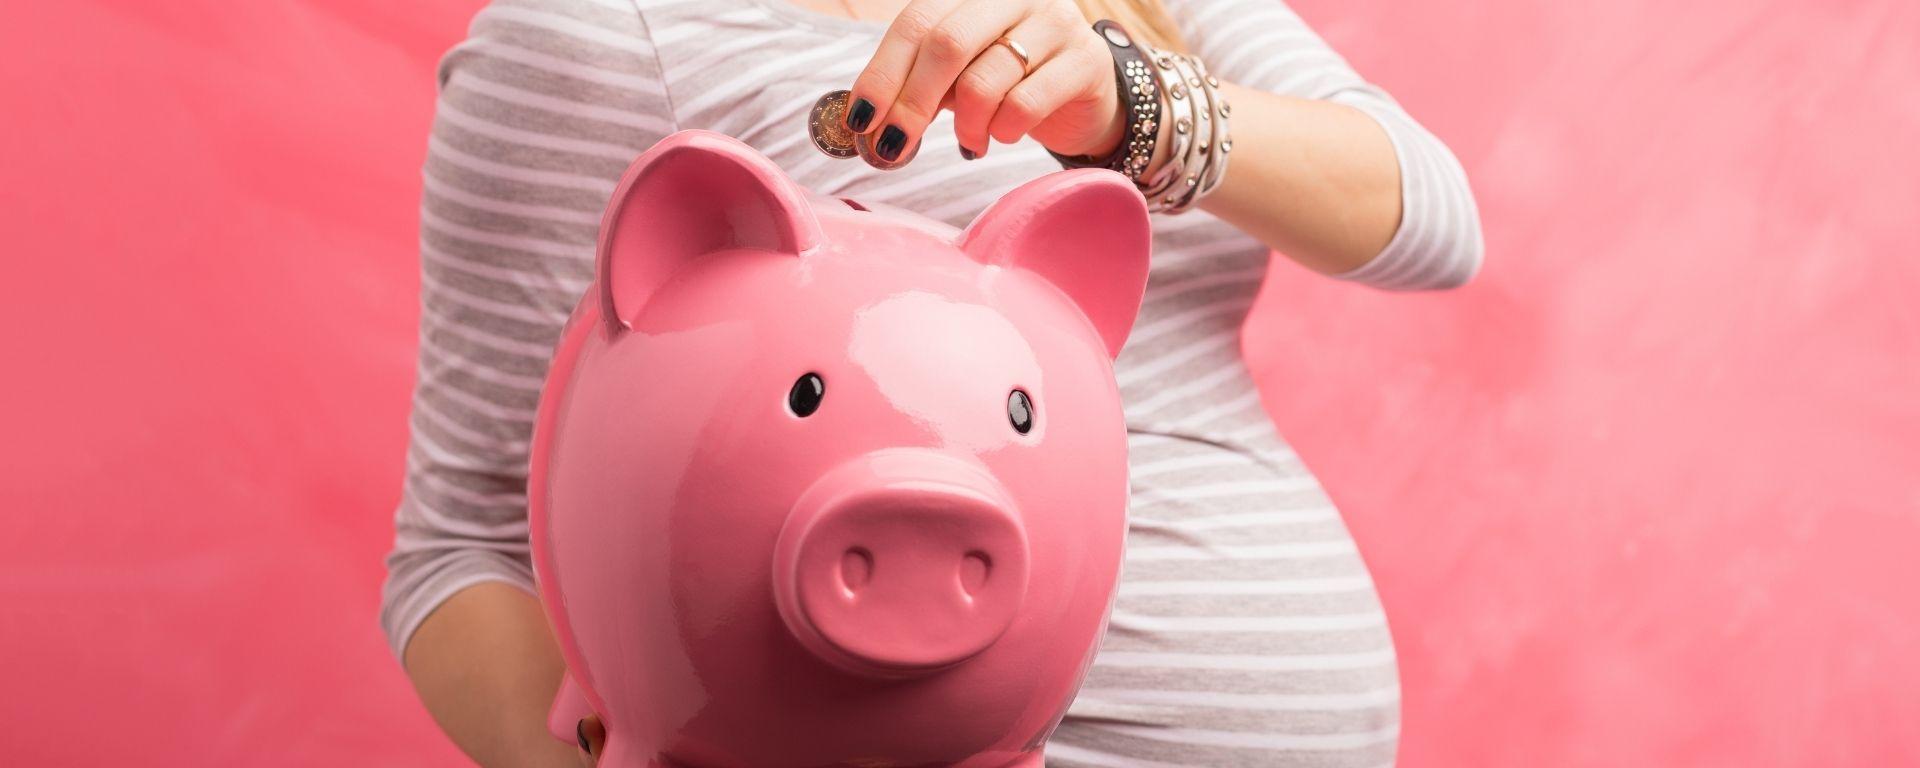 Egészségpénztár - Születési támogatás